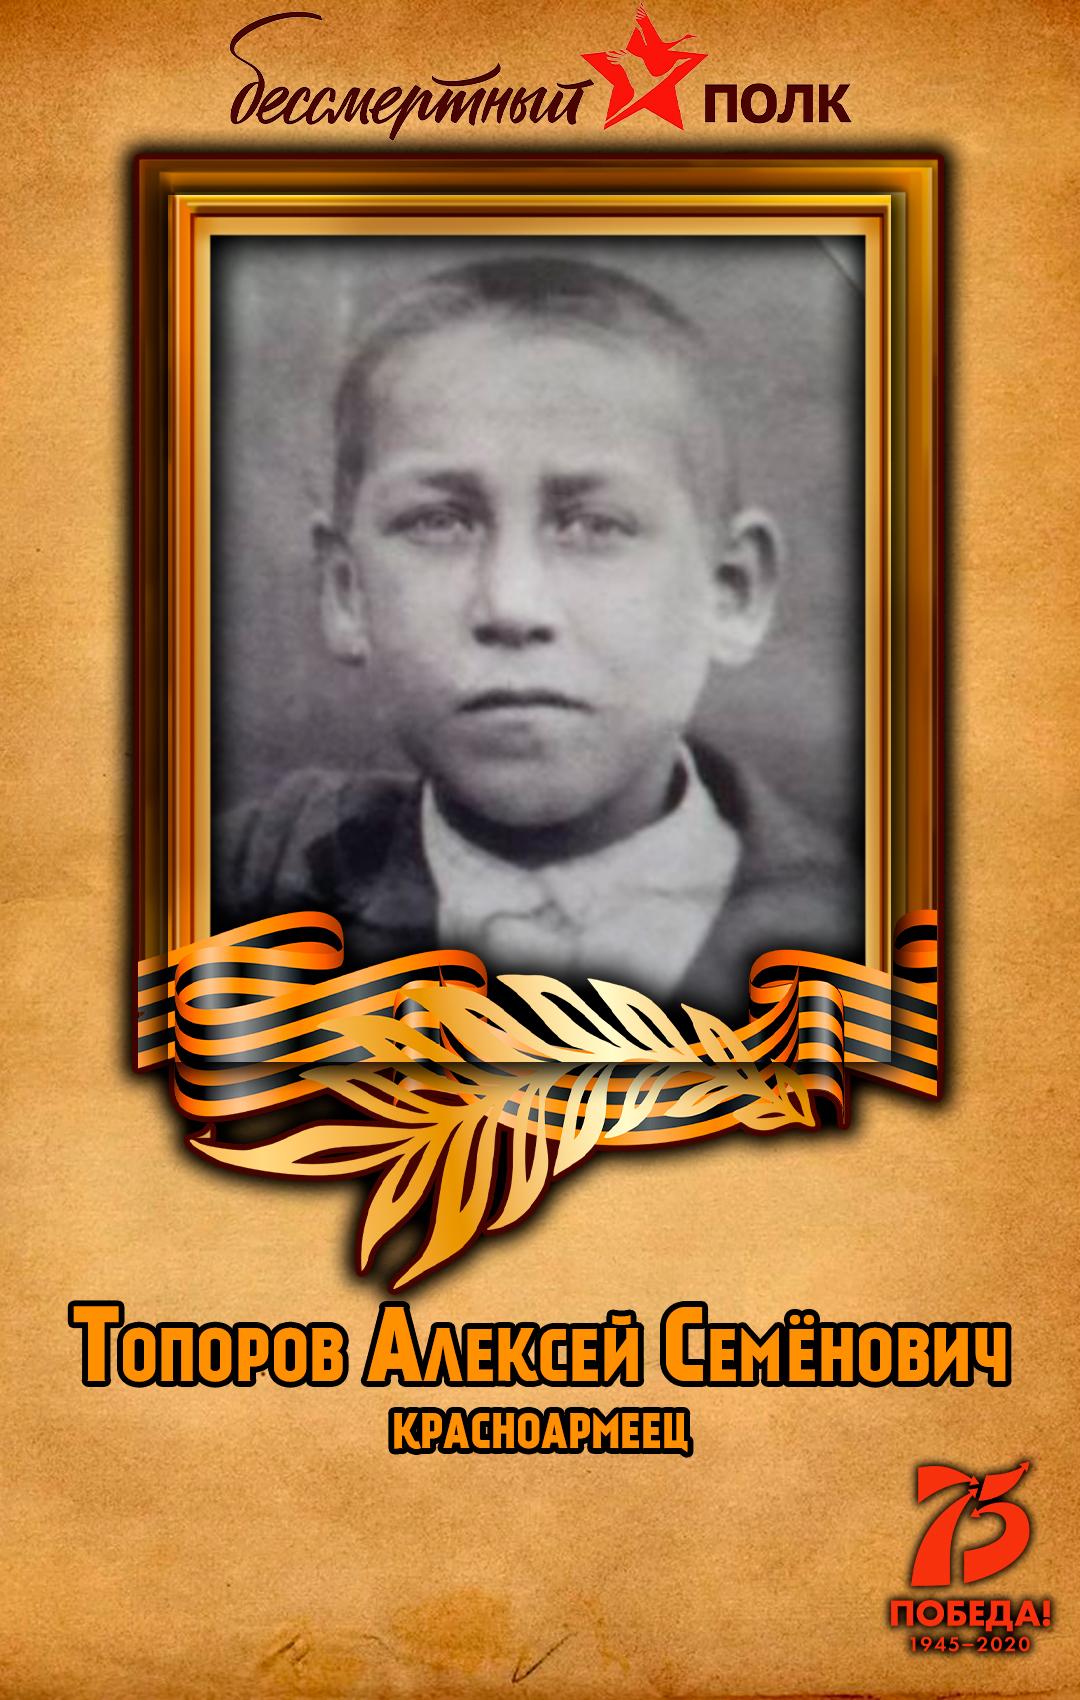 Топоров-Алексей-Семёнович